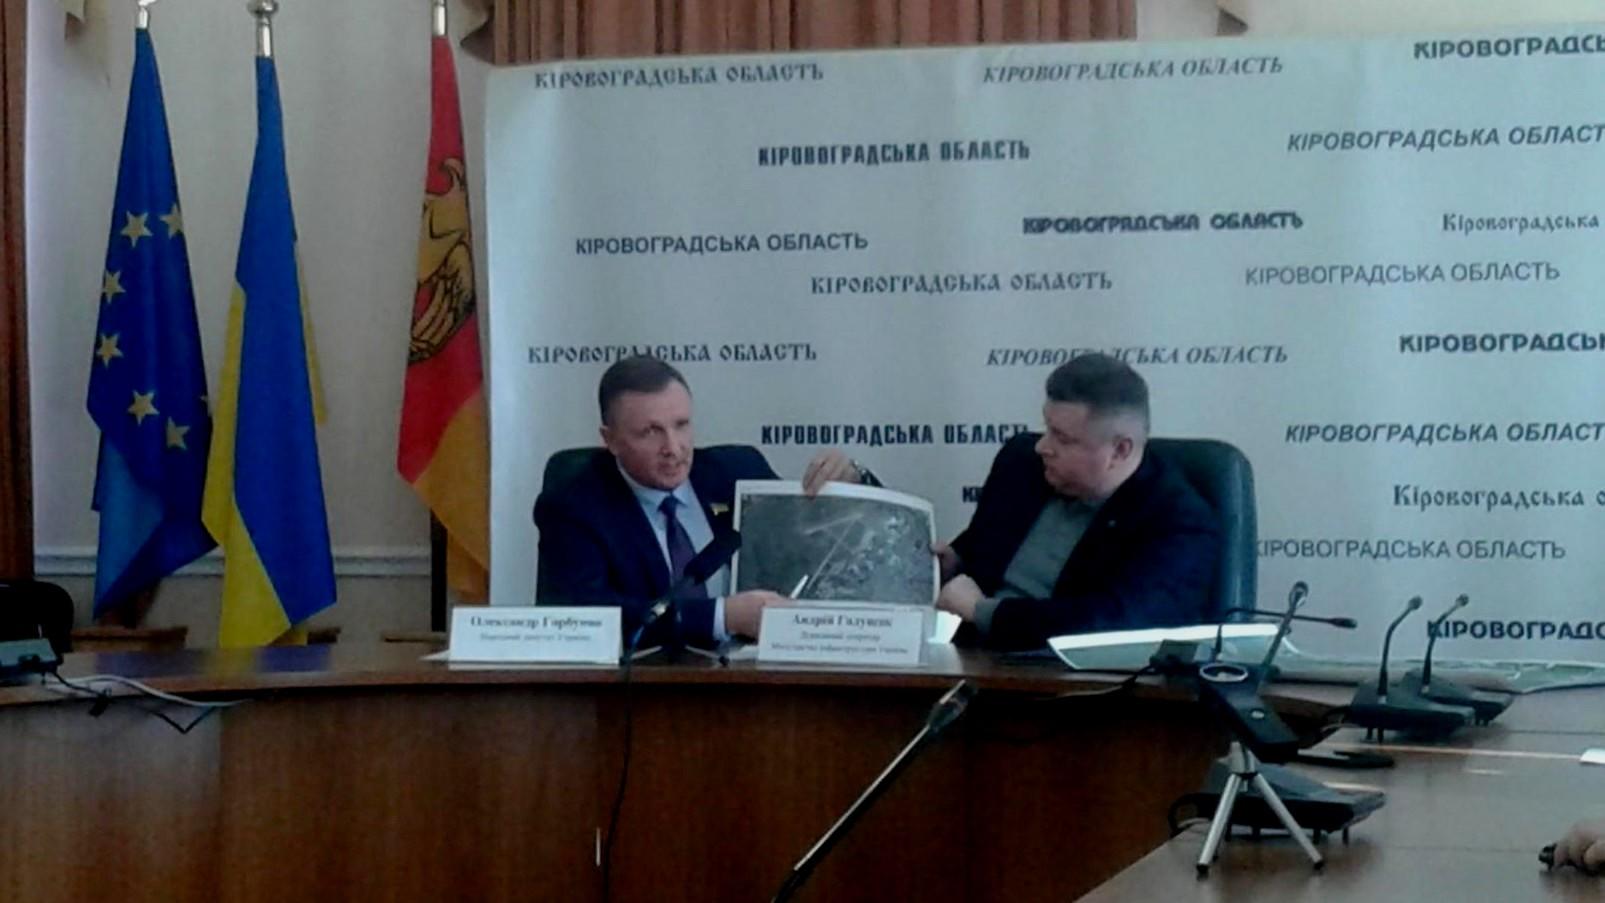 Без Купюр У Кропивницькому знову обіцяють відновити роботу аеропорту і зробити його міжнародним Події Політика Проекти  Кропивницький інфраструктура аеропорт